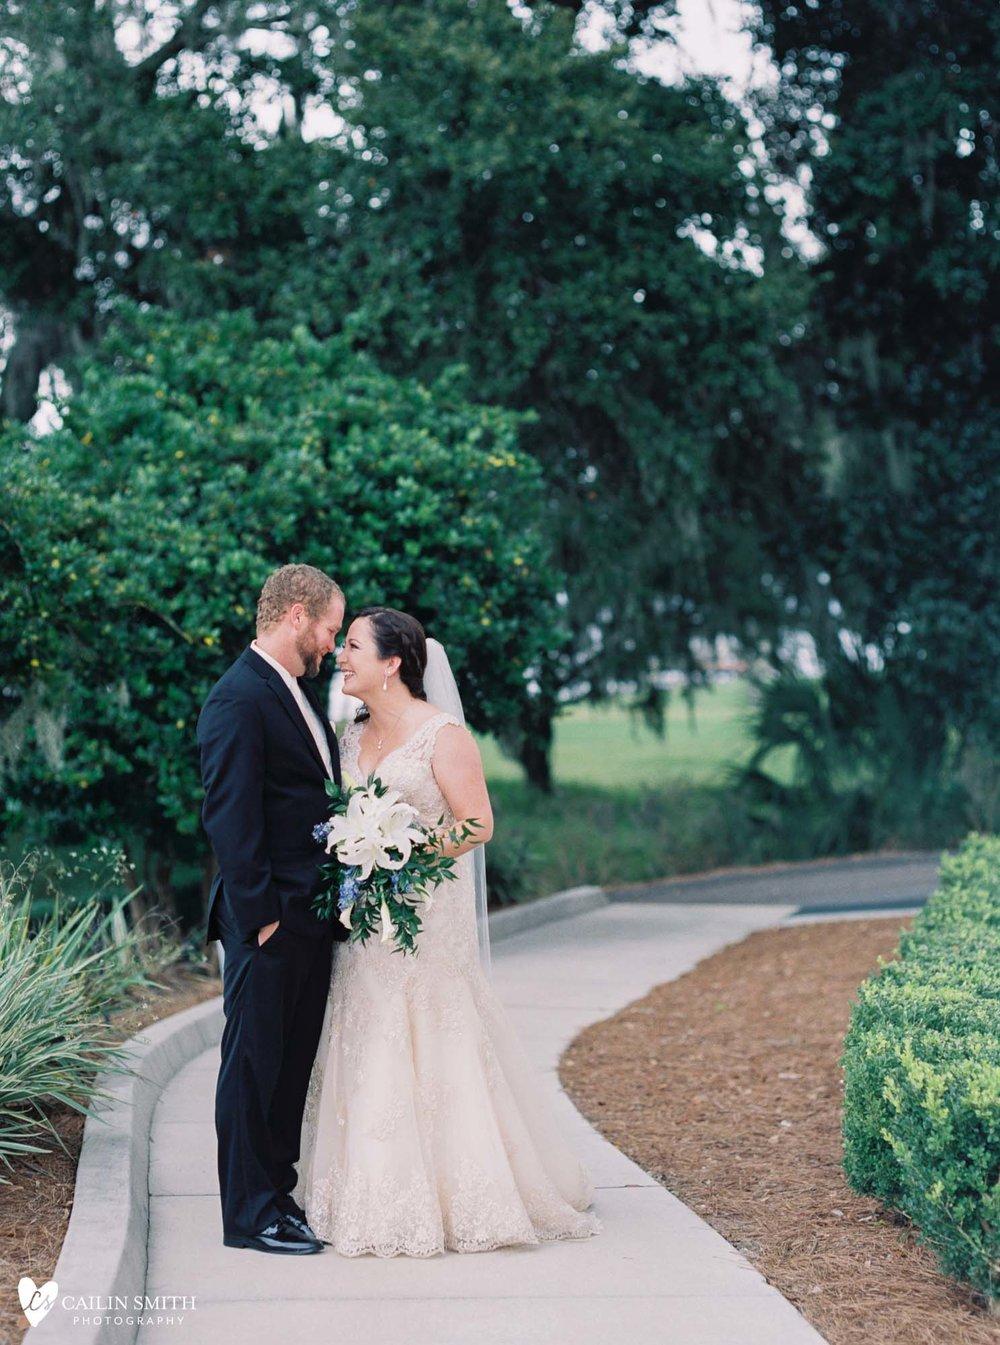 AB_Timuquana_Country_Club_Wedding030.jpg